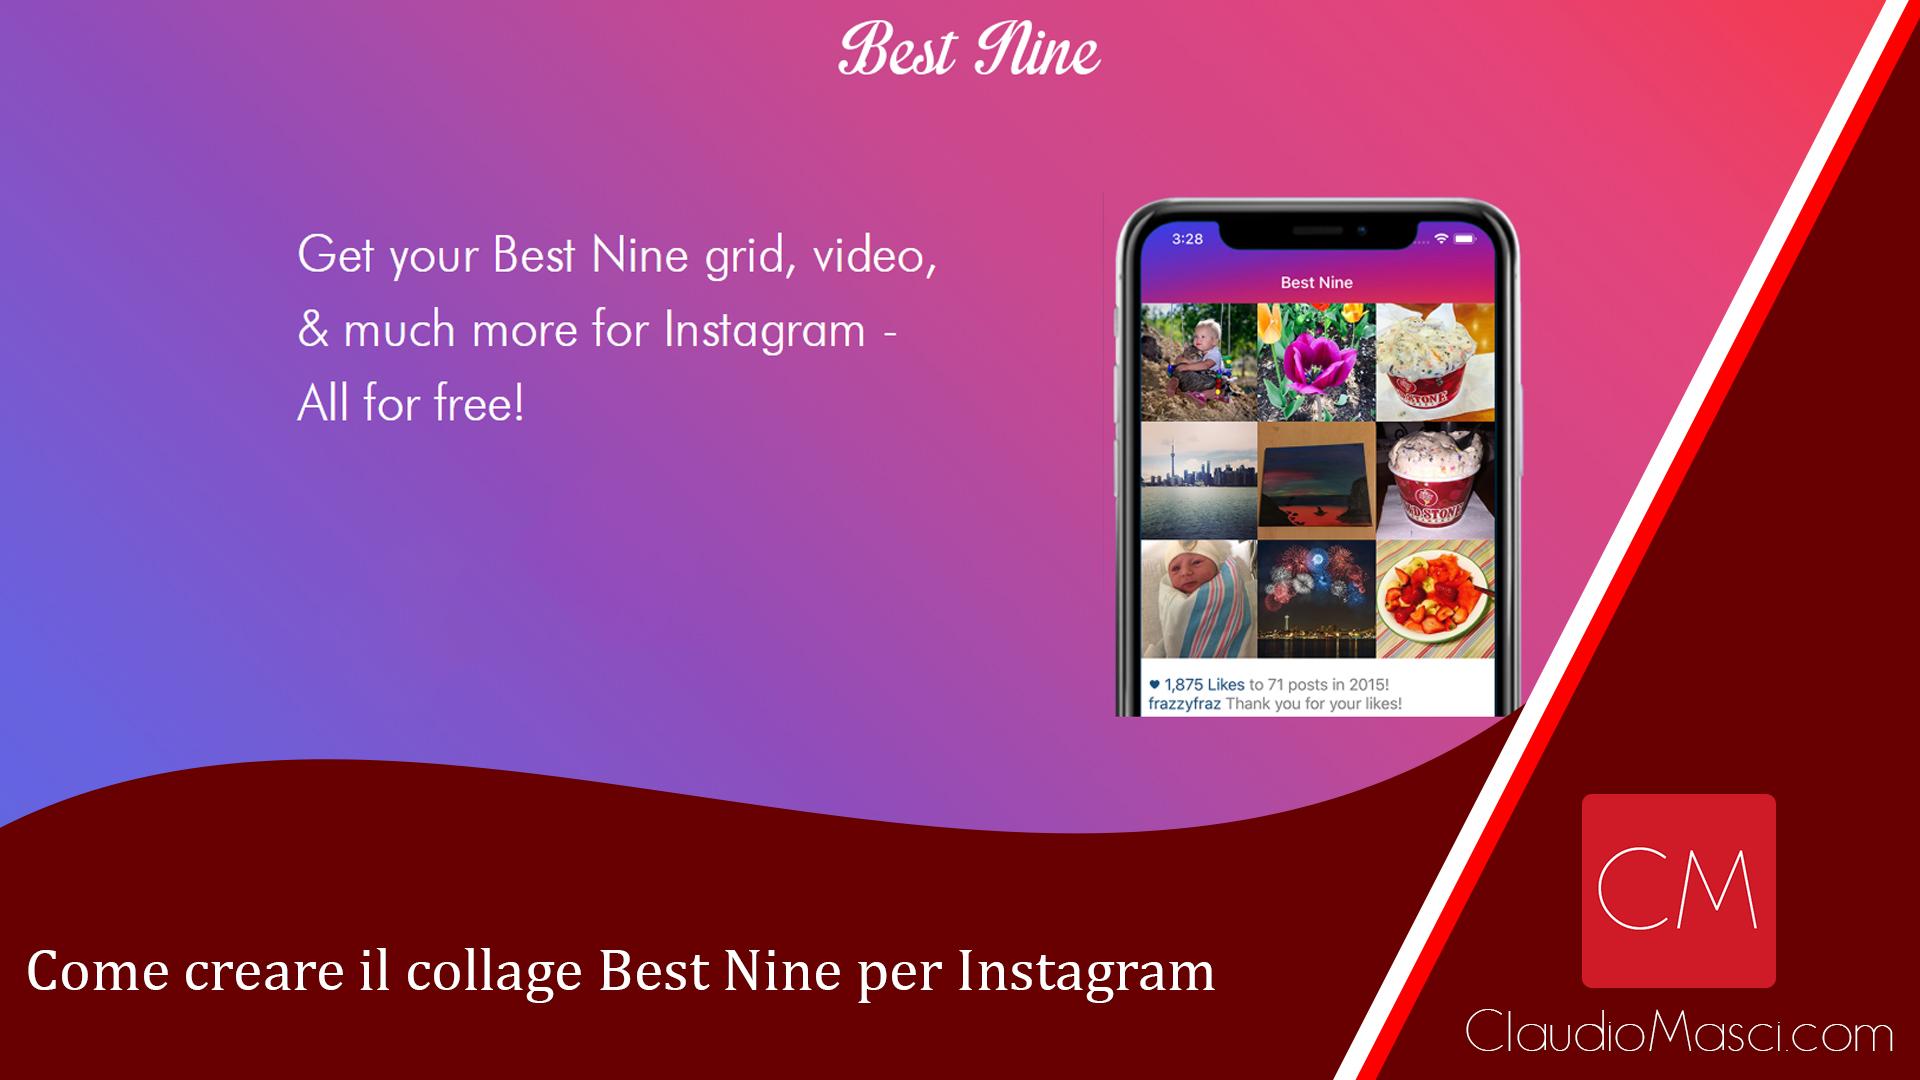 Come creare il collage Best Nine per Instagram